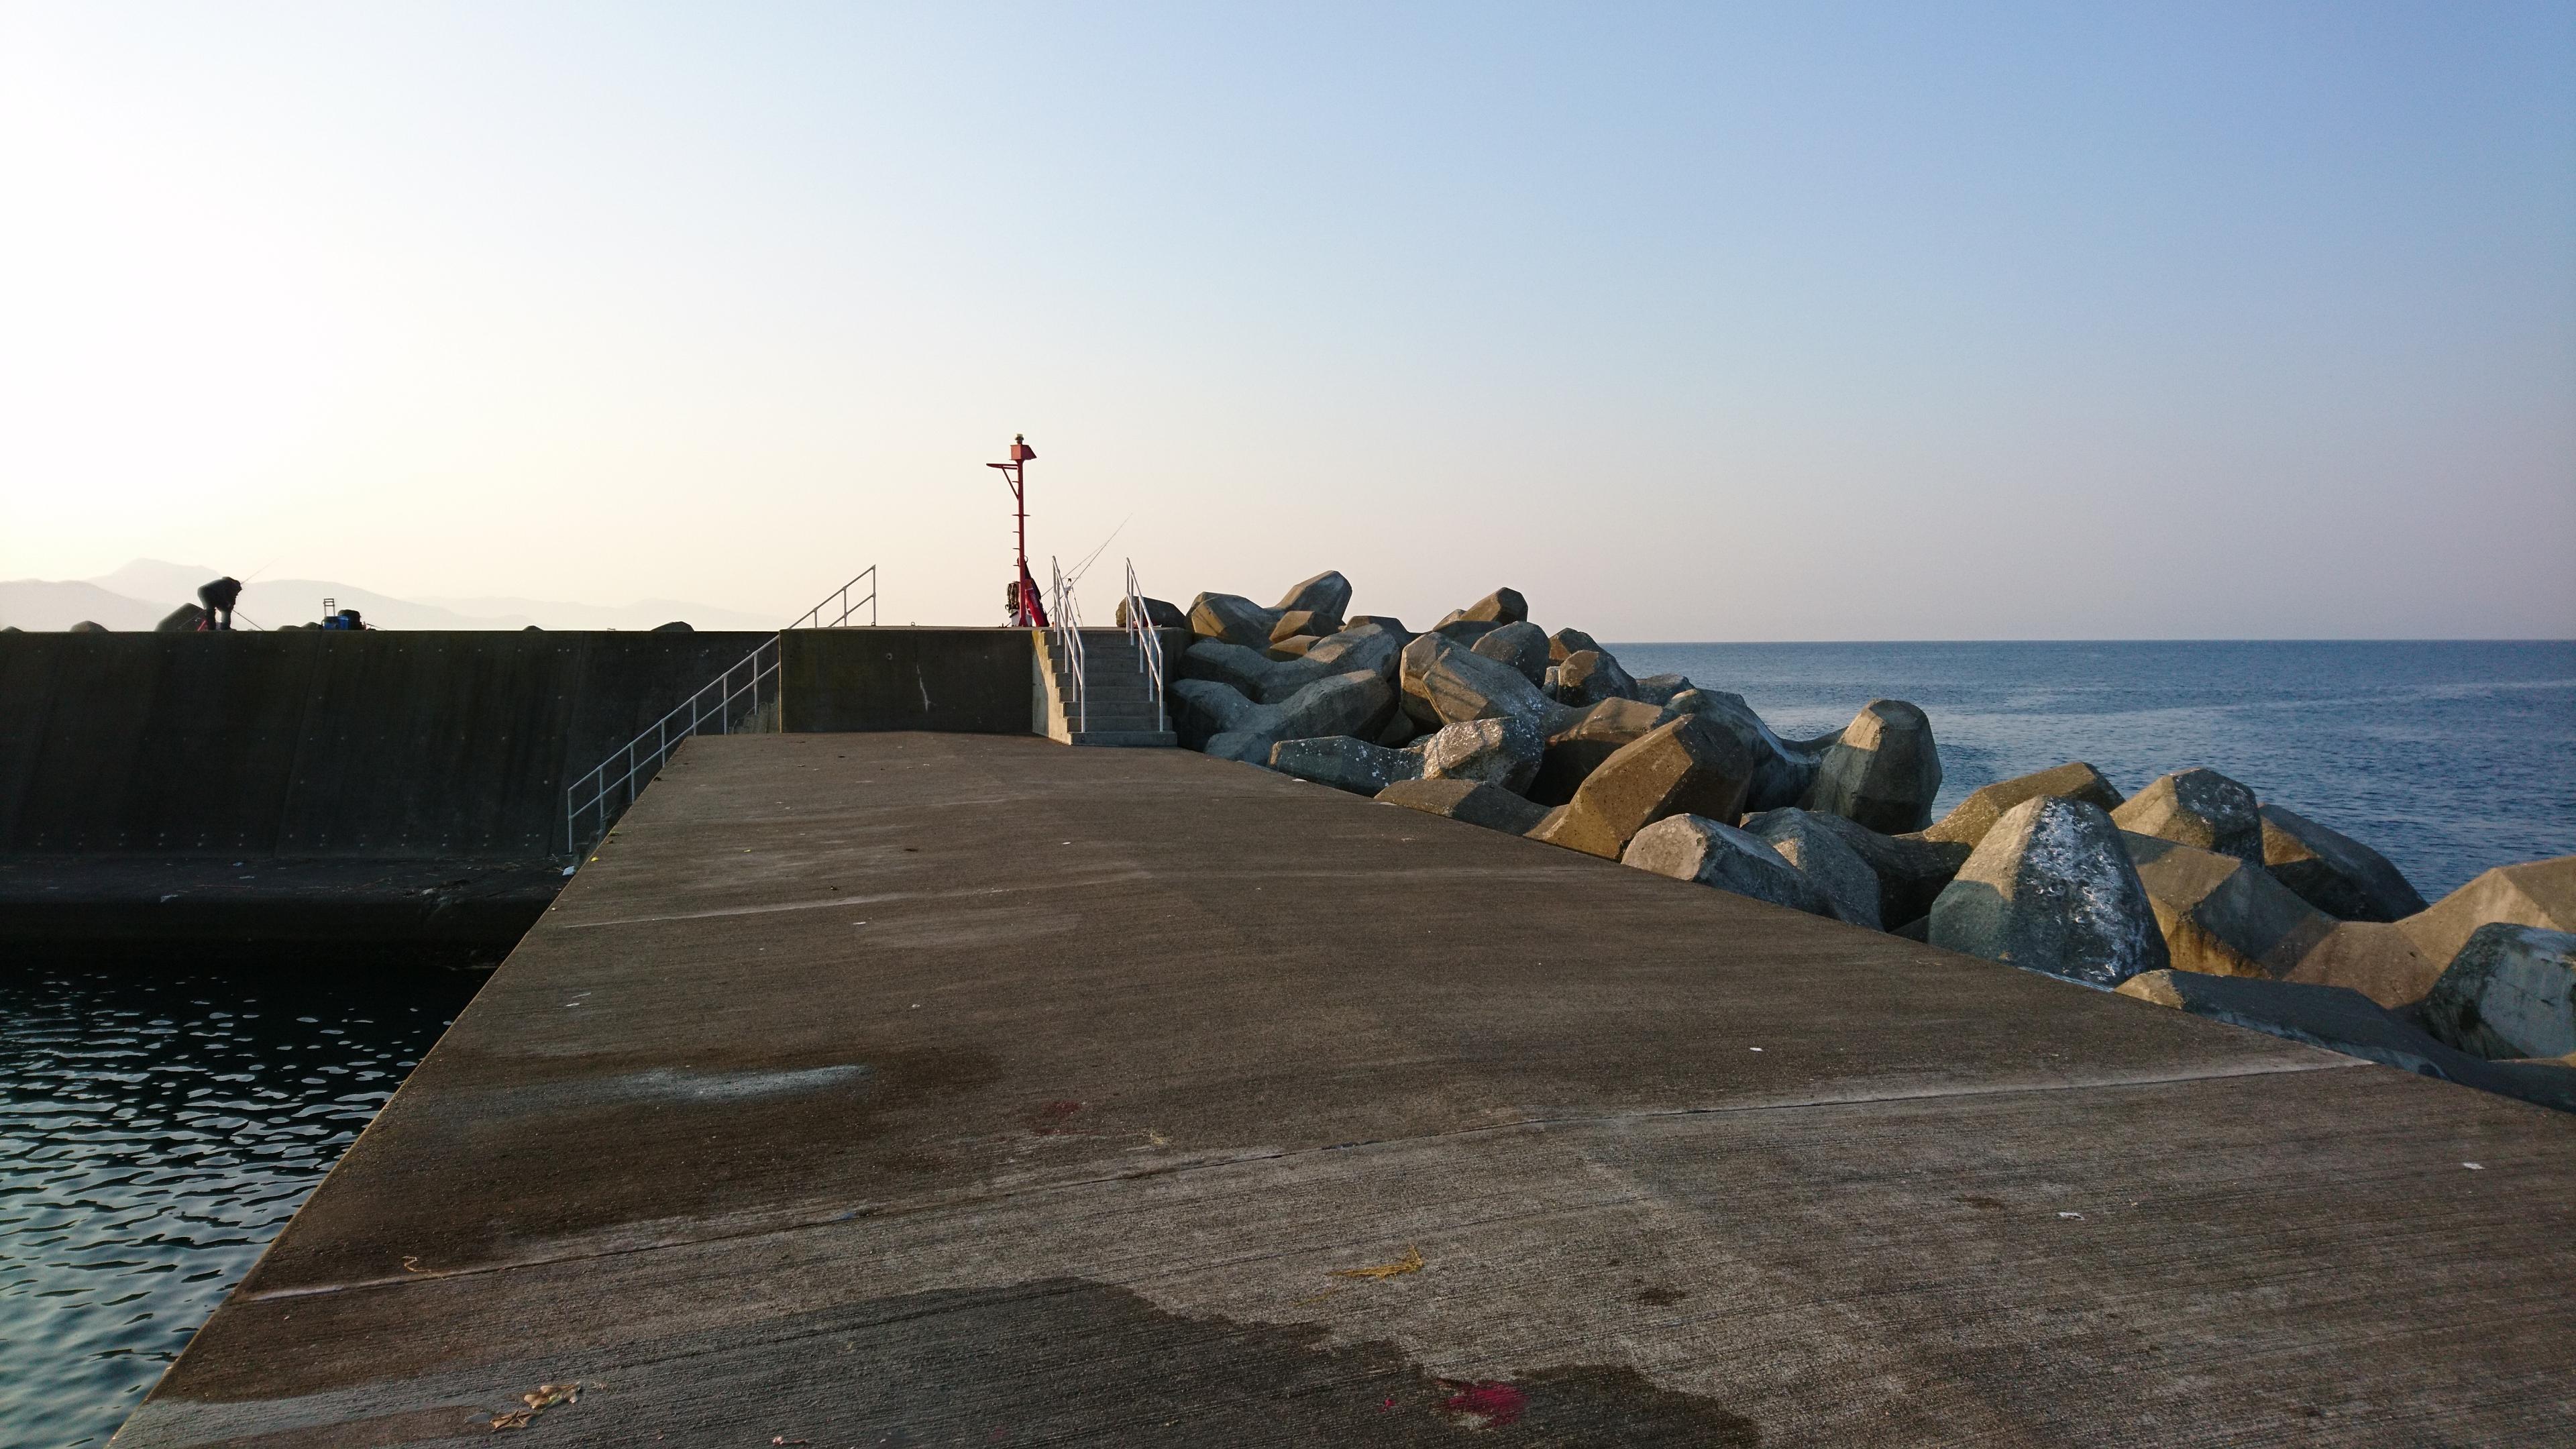 噴火湾 豊浦町 大岸漁港についての釣り情報